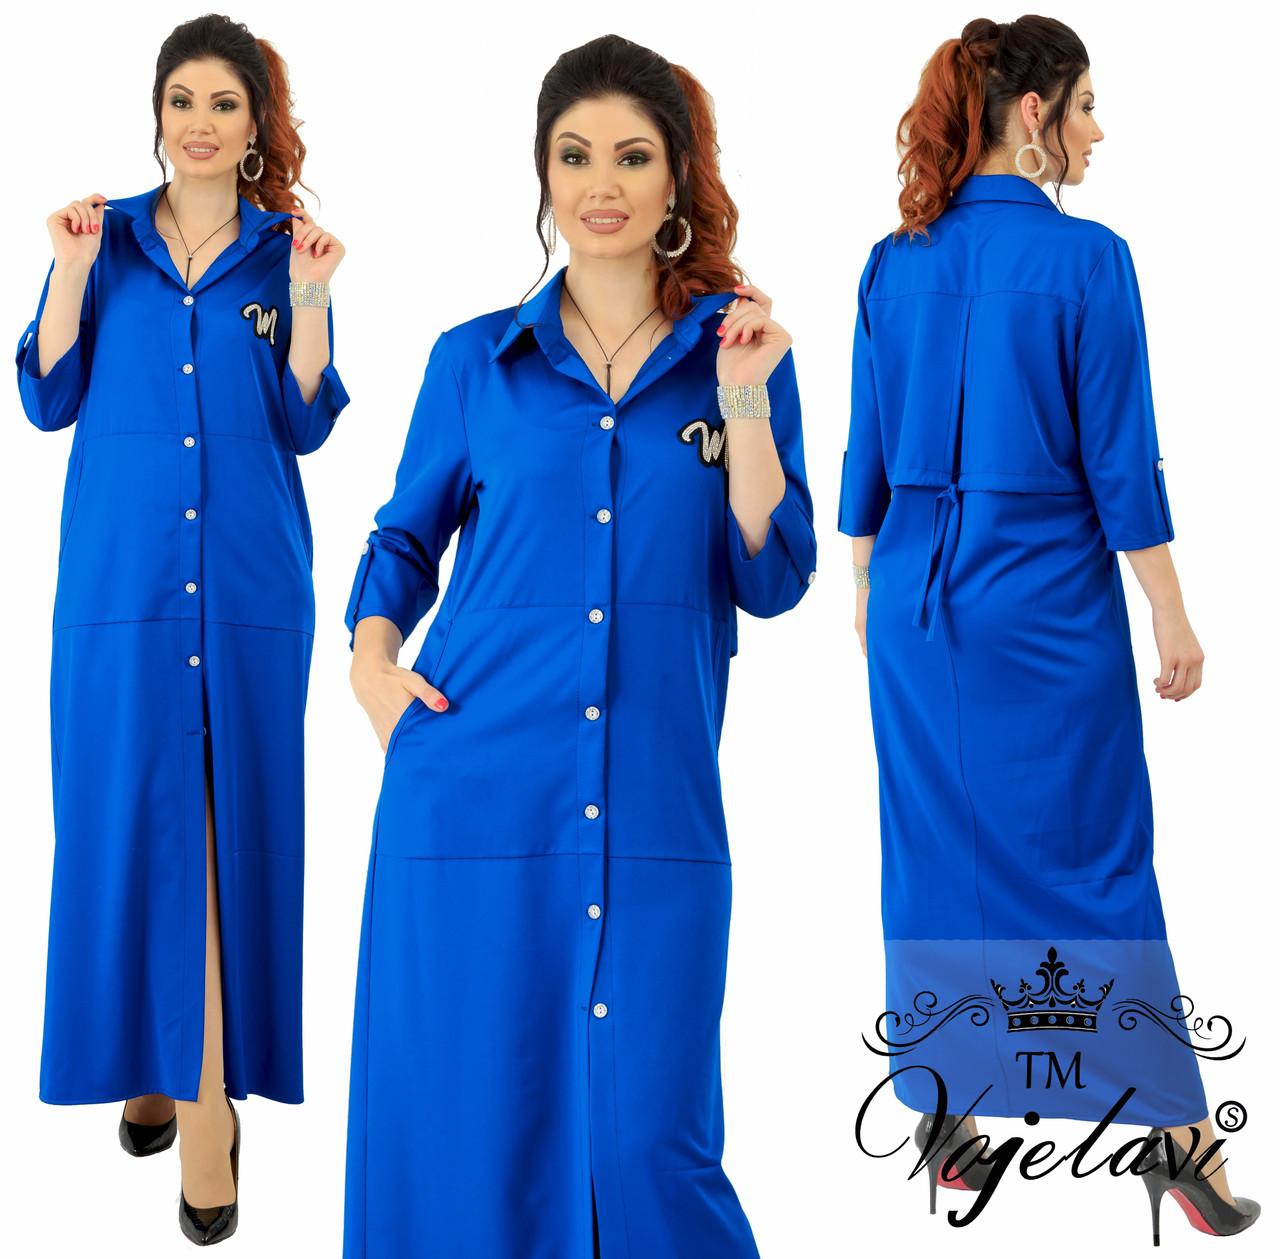 Стильное длинное женское платье с аппликацией т.м. Vojelavi A1169